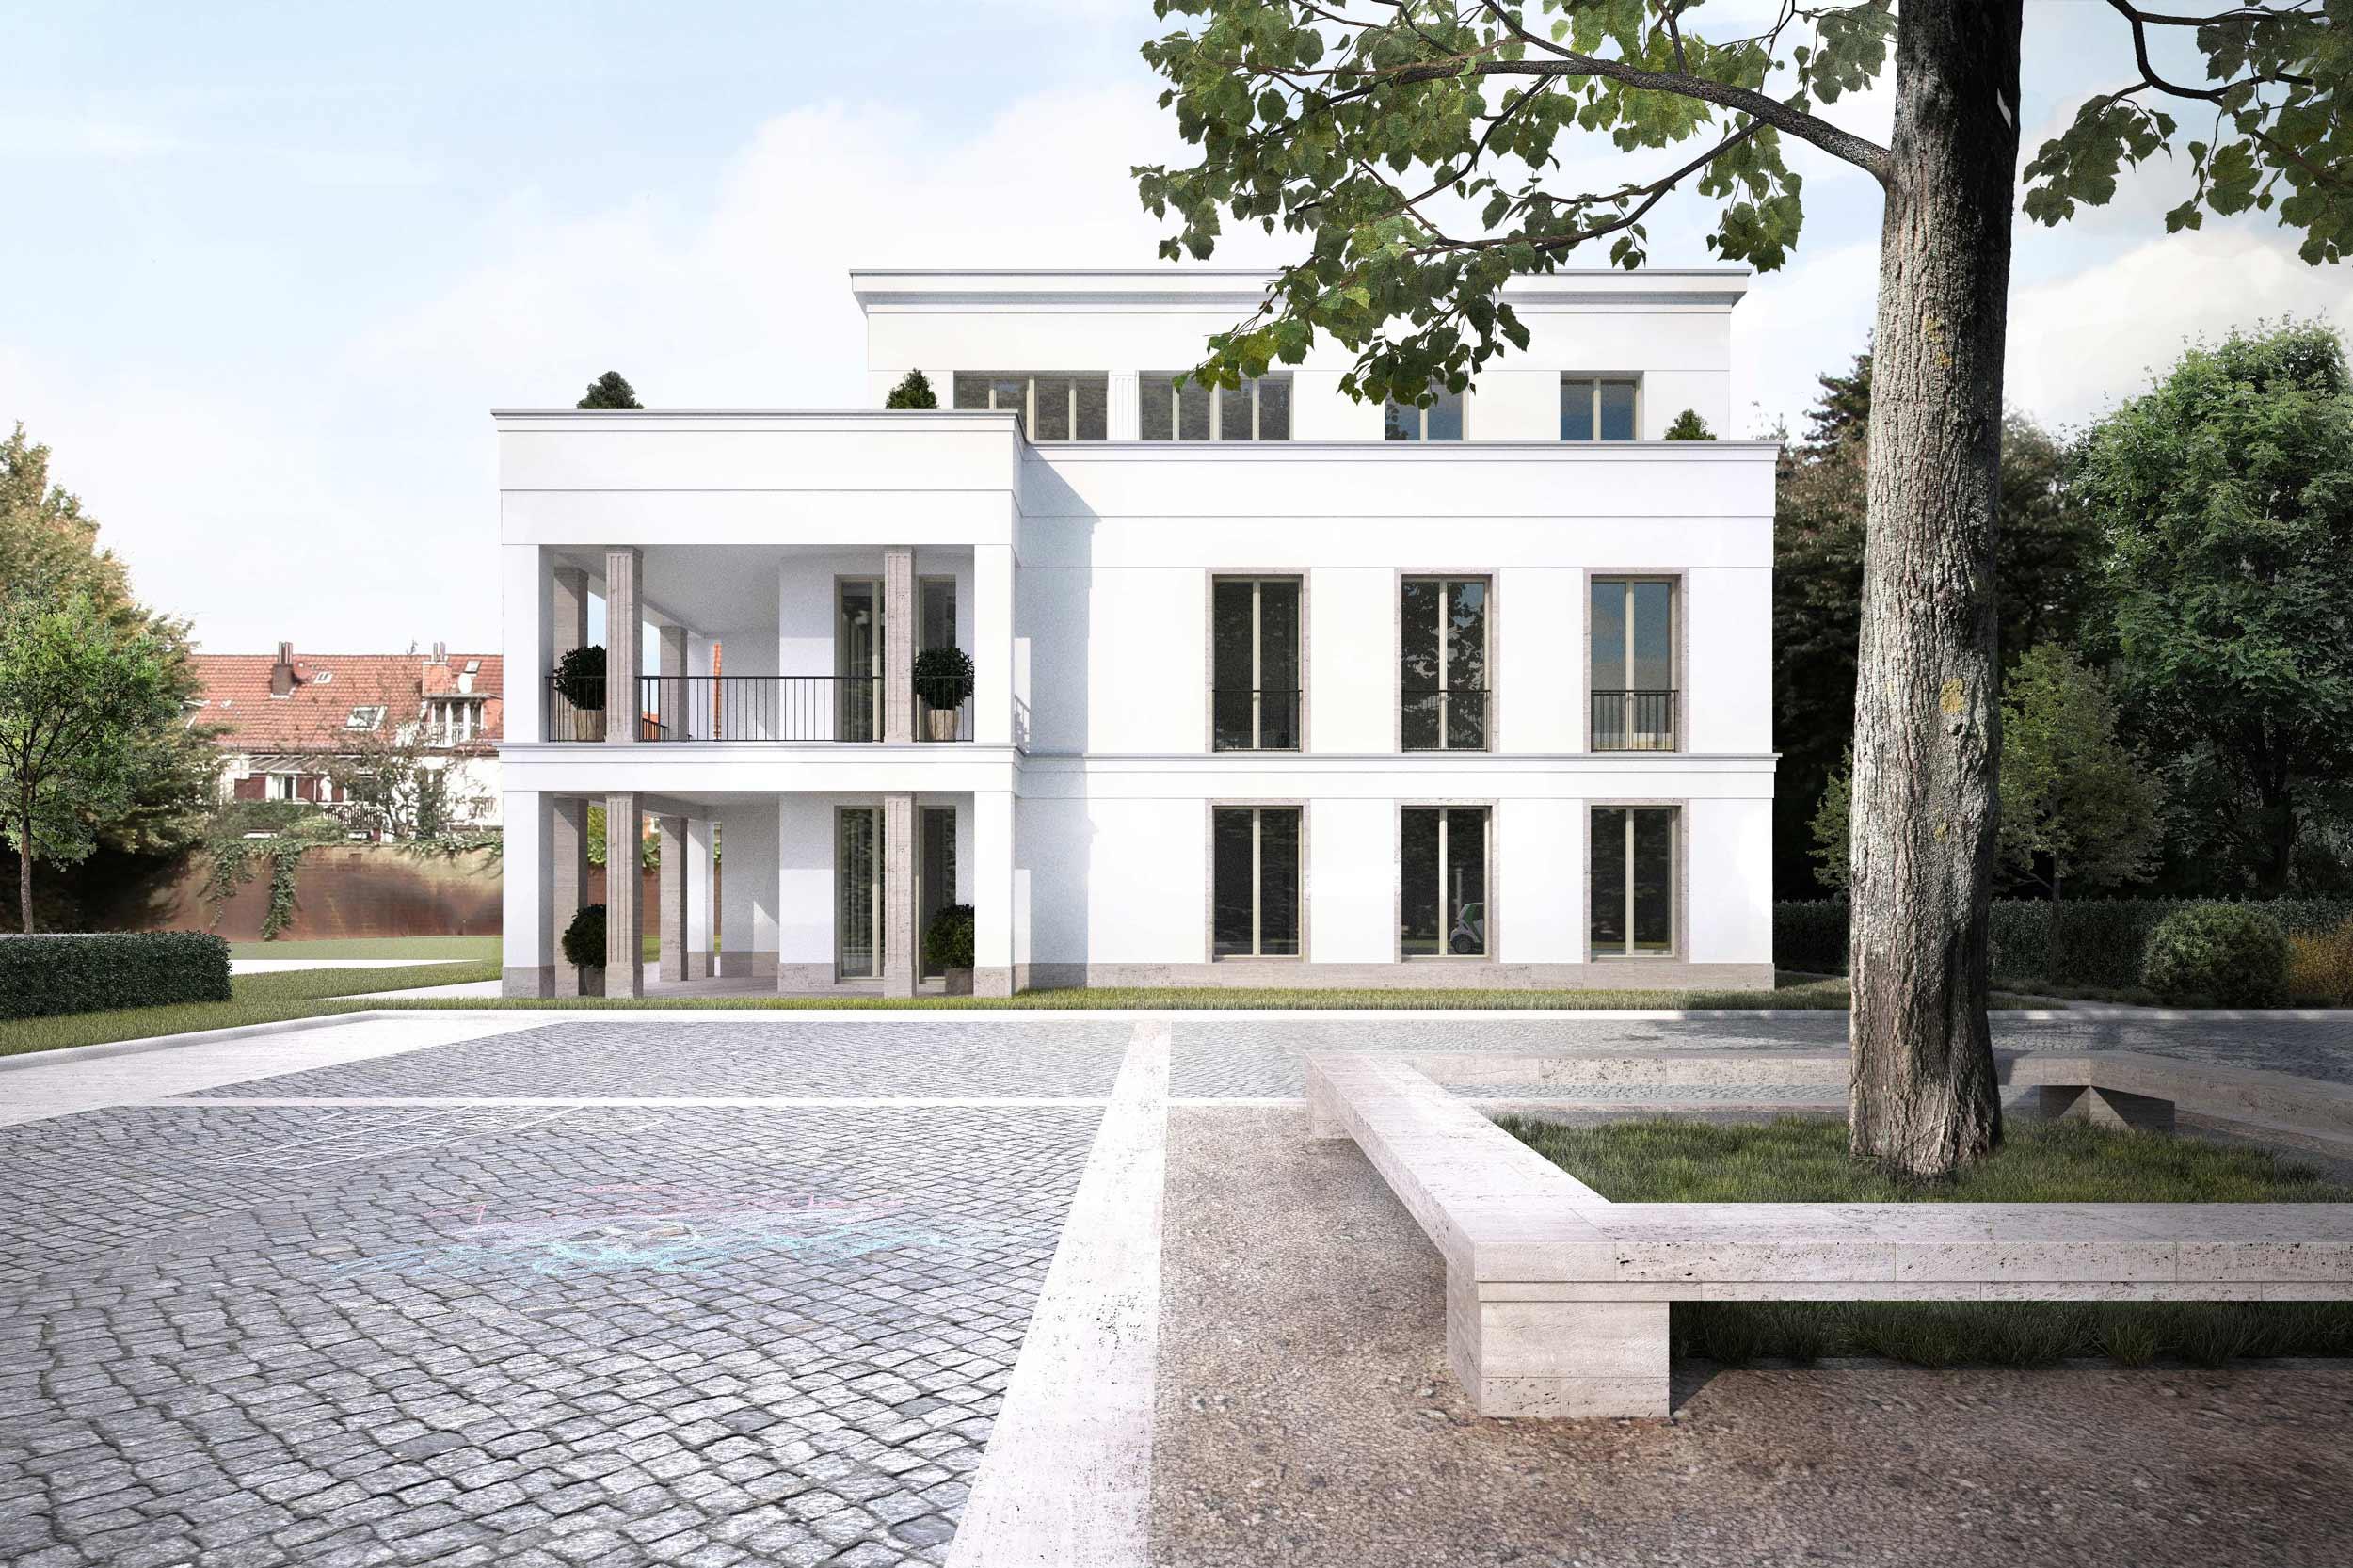 Neubauprojekt eines Wohnquartiers mit 42 Eigentumswohnungen - Der hohe Gestaltungsanspruch der Fassaden erfordert hochwertige Bauqualität und Materialien.